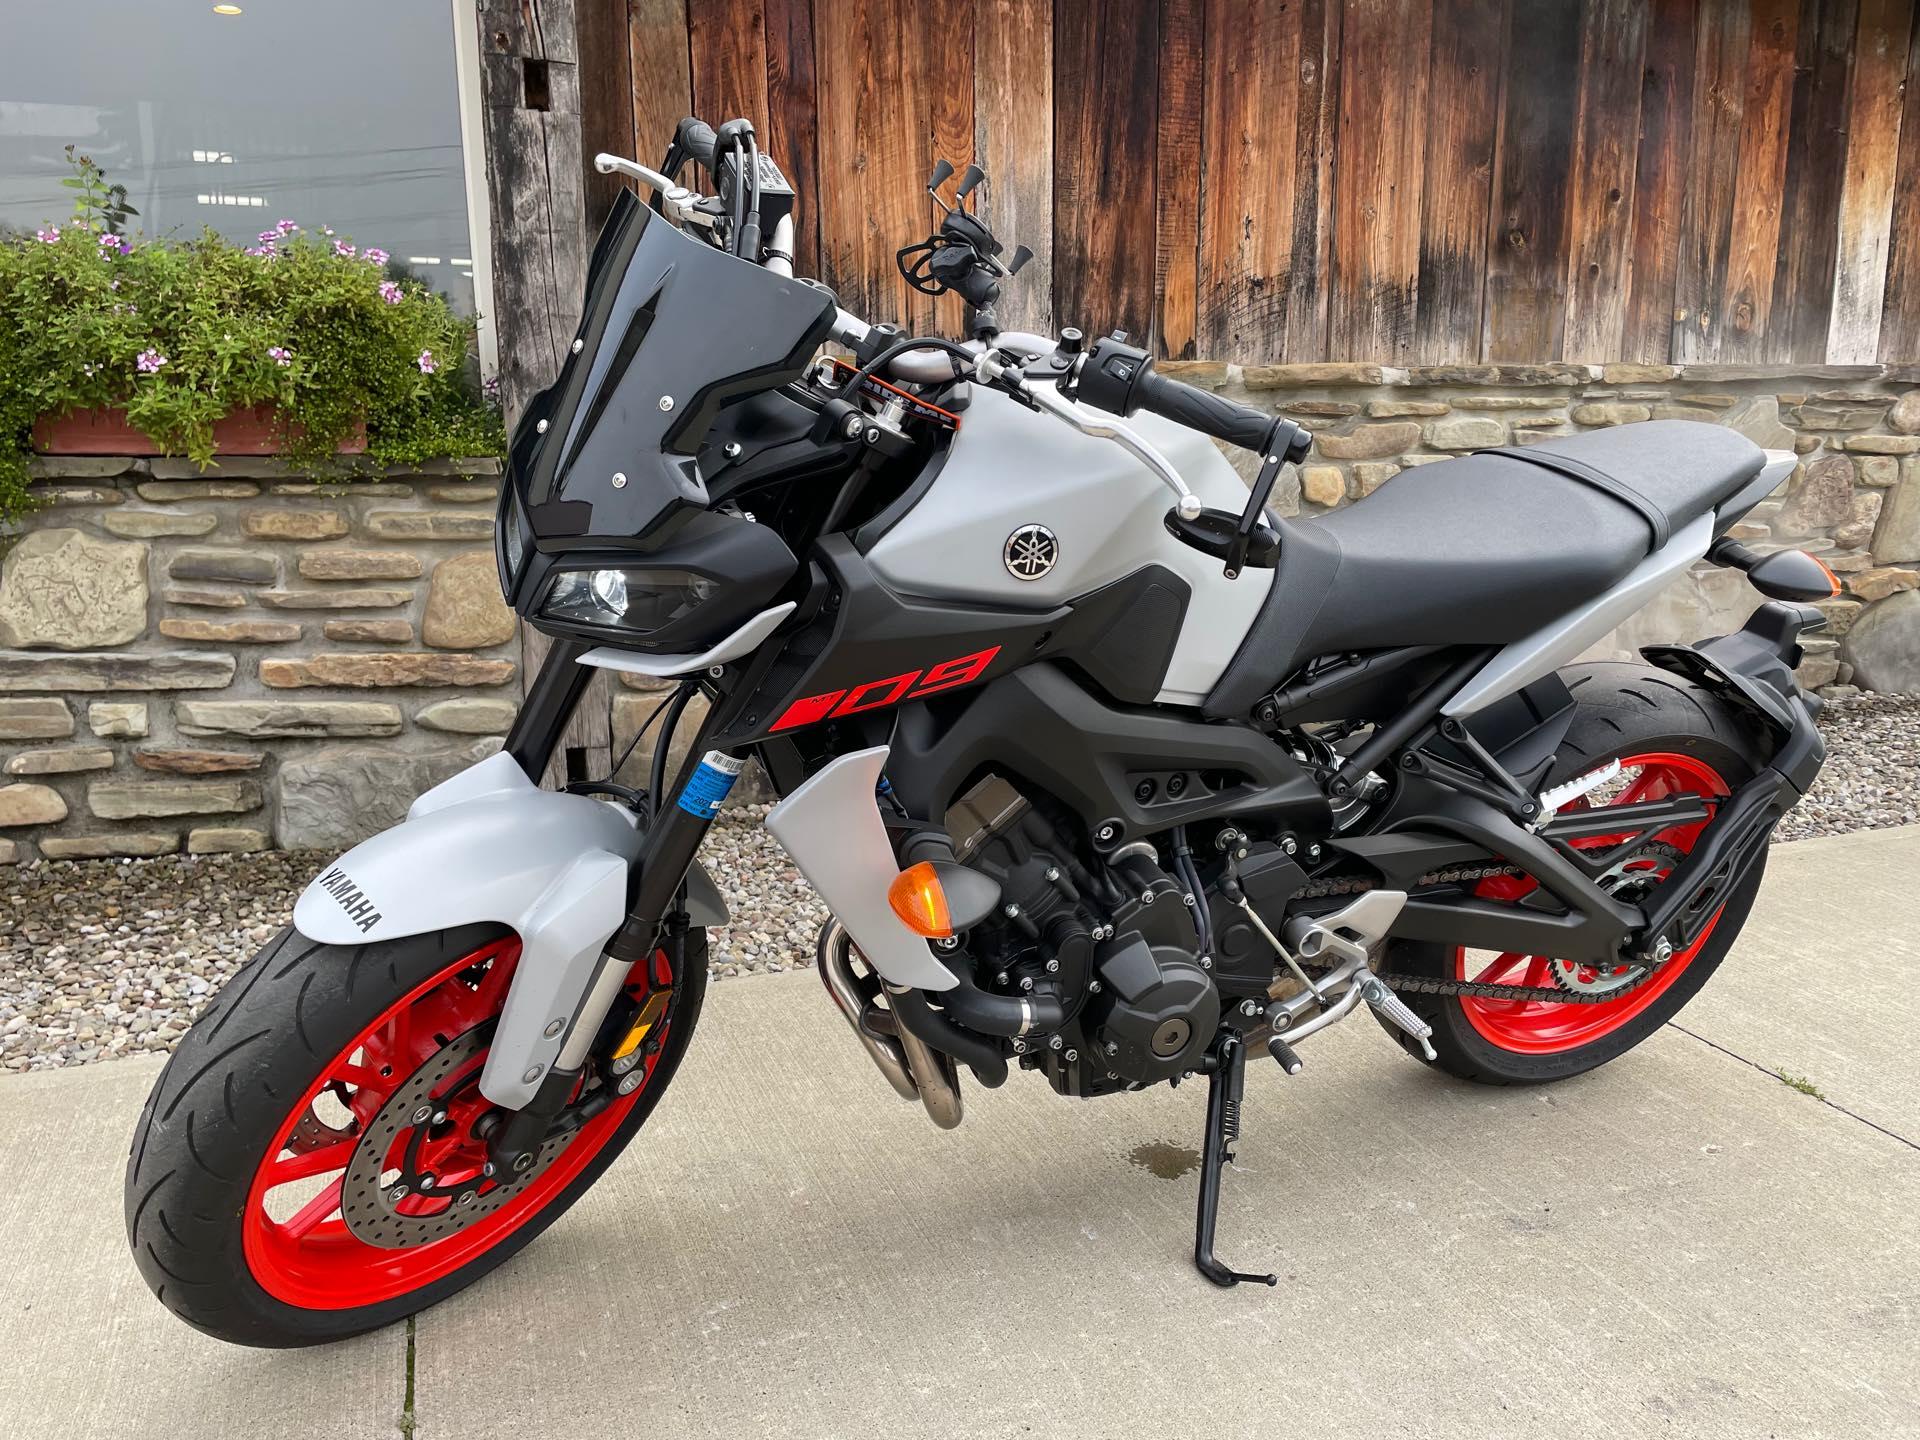 2020 Yamaha MT 09 at Arkport Cycles